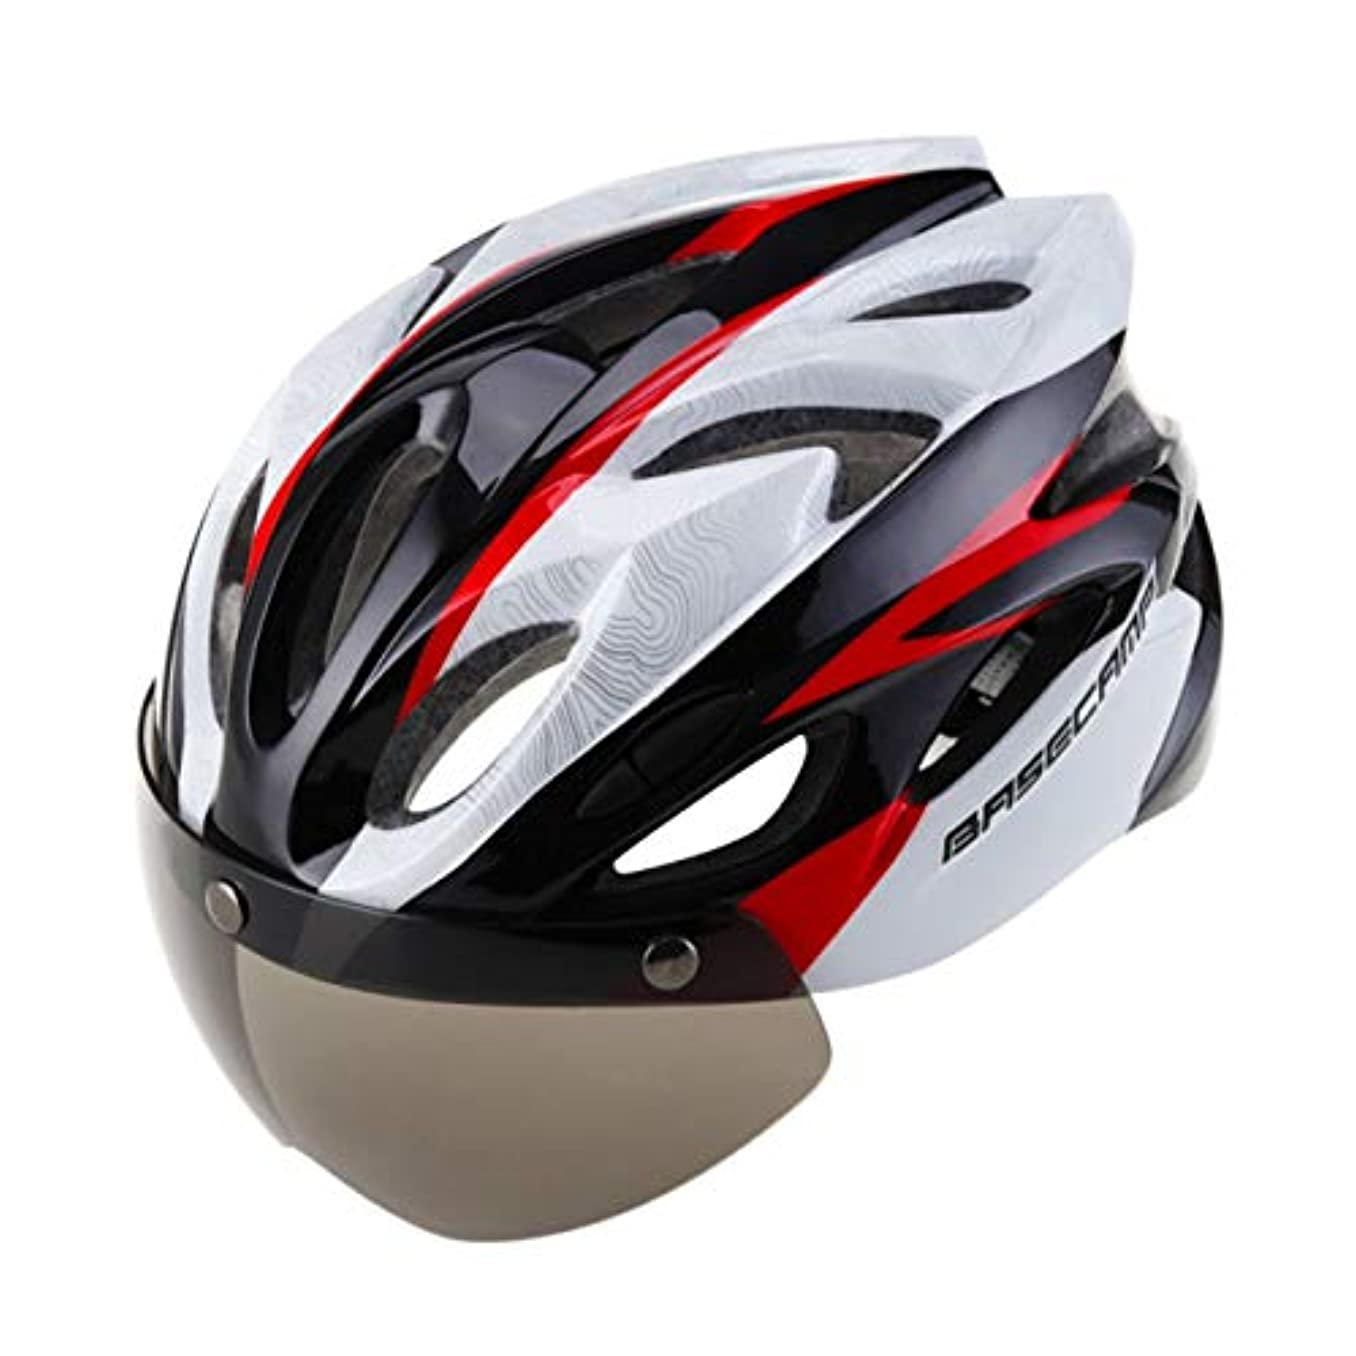 事前ピーブ温度計DeeploveUU ファッション自転車ヘルメットサイクルヘルメット調節可能なスラッシャ付き取り外し可能ライナー付き水と防塵カバー